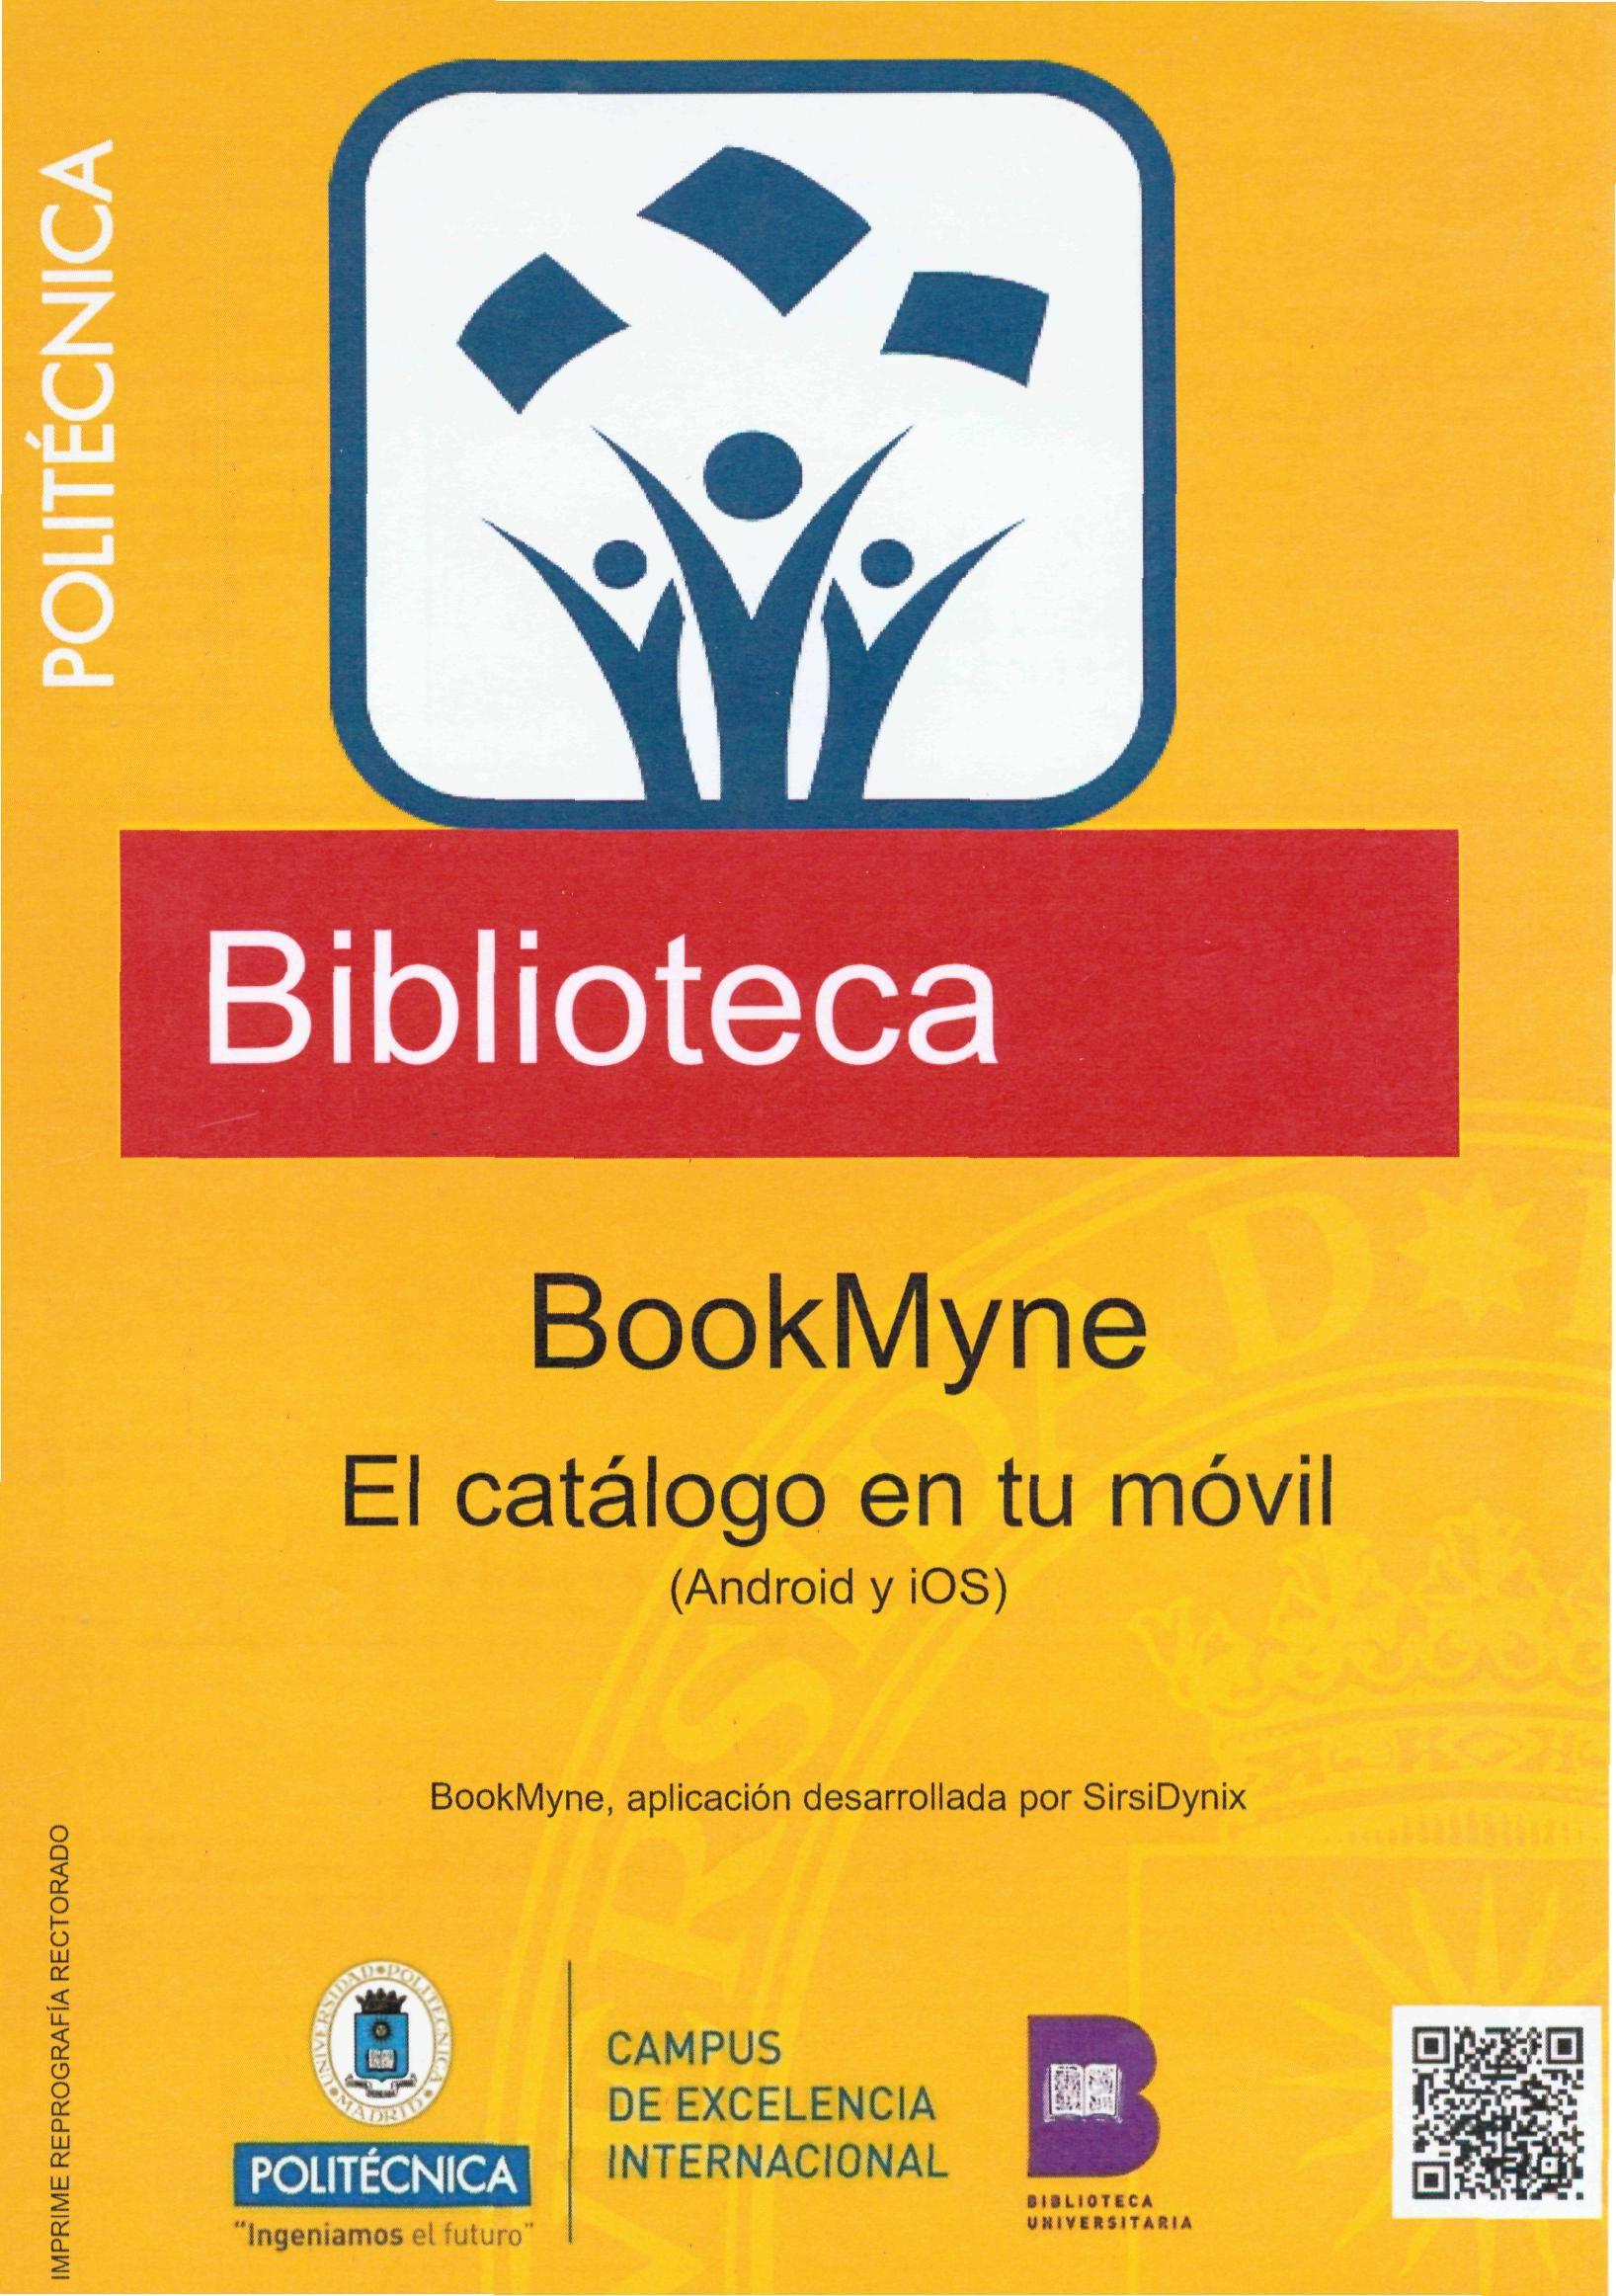 BookMyne es una aplicación para dispositivos móviles que permite el acceso al catálogo de la Biblioteca. Disponible de forma gratuita para IOS y Android. Busca tu folleto informativo en la Biblioteca